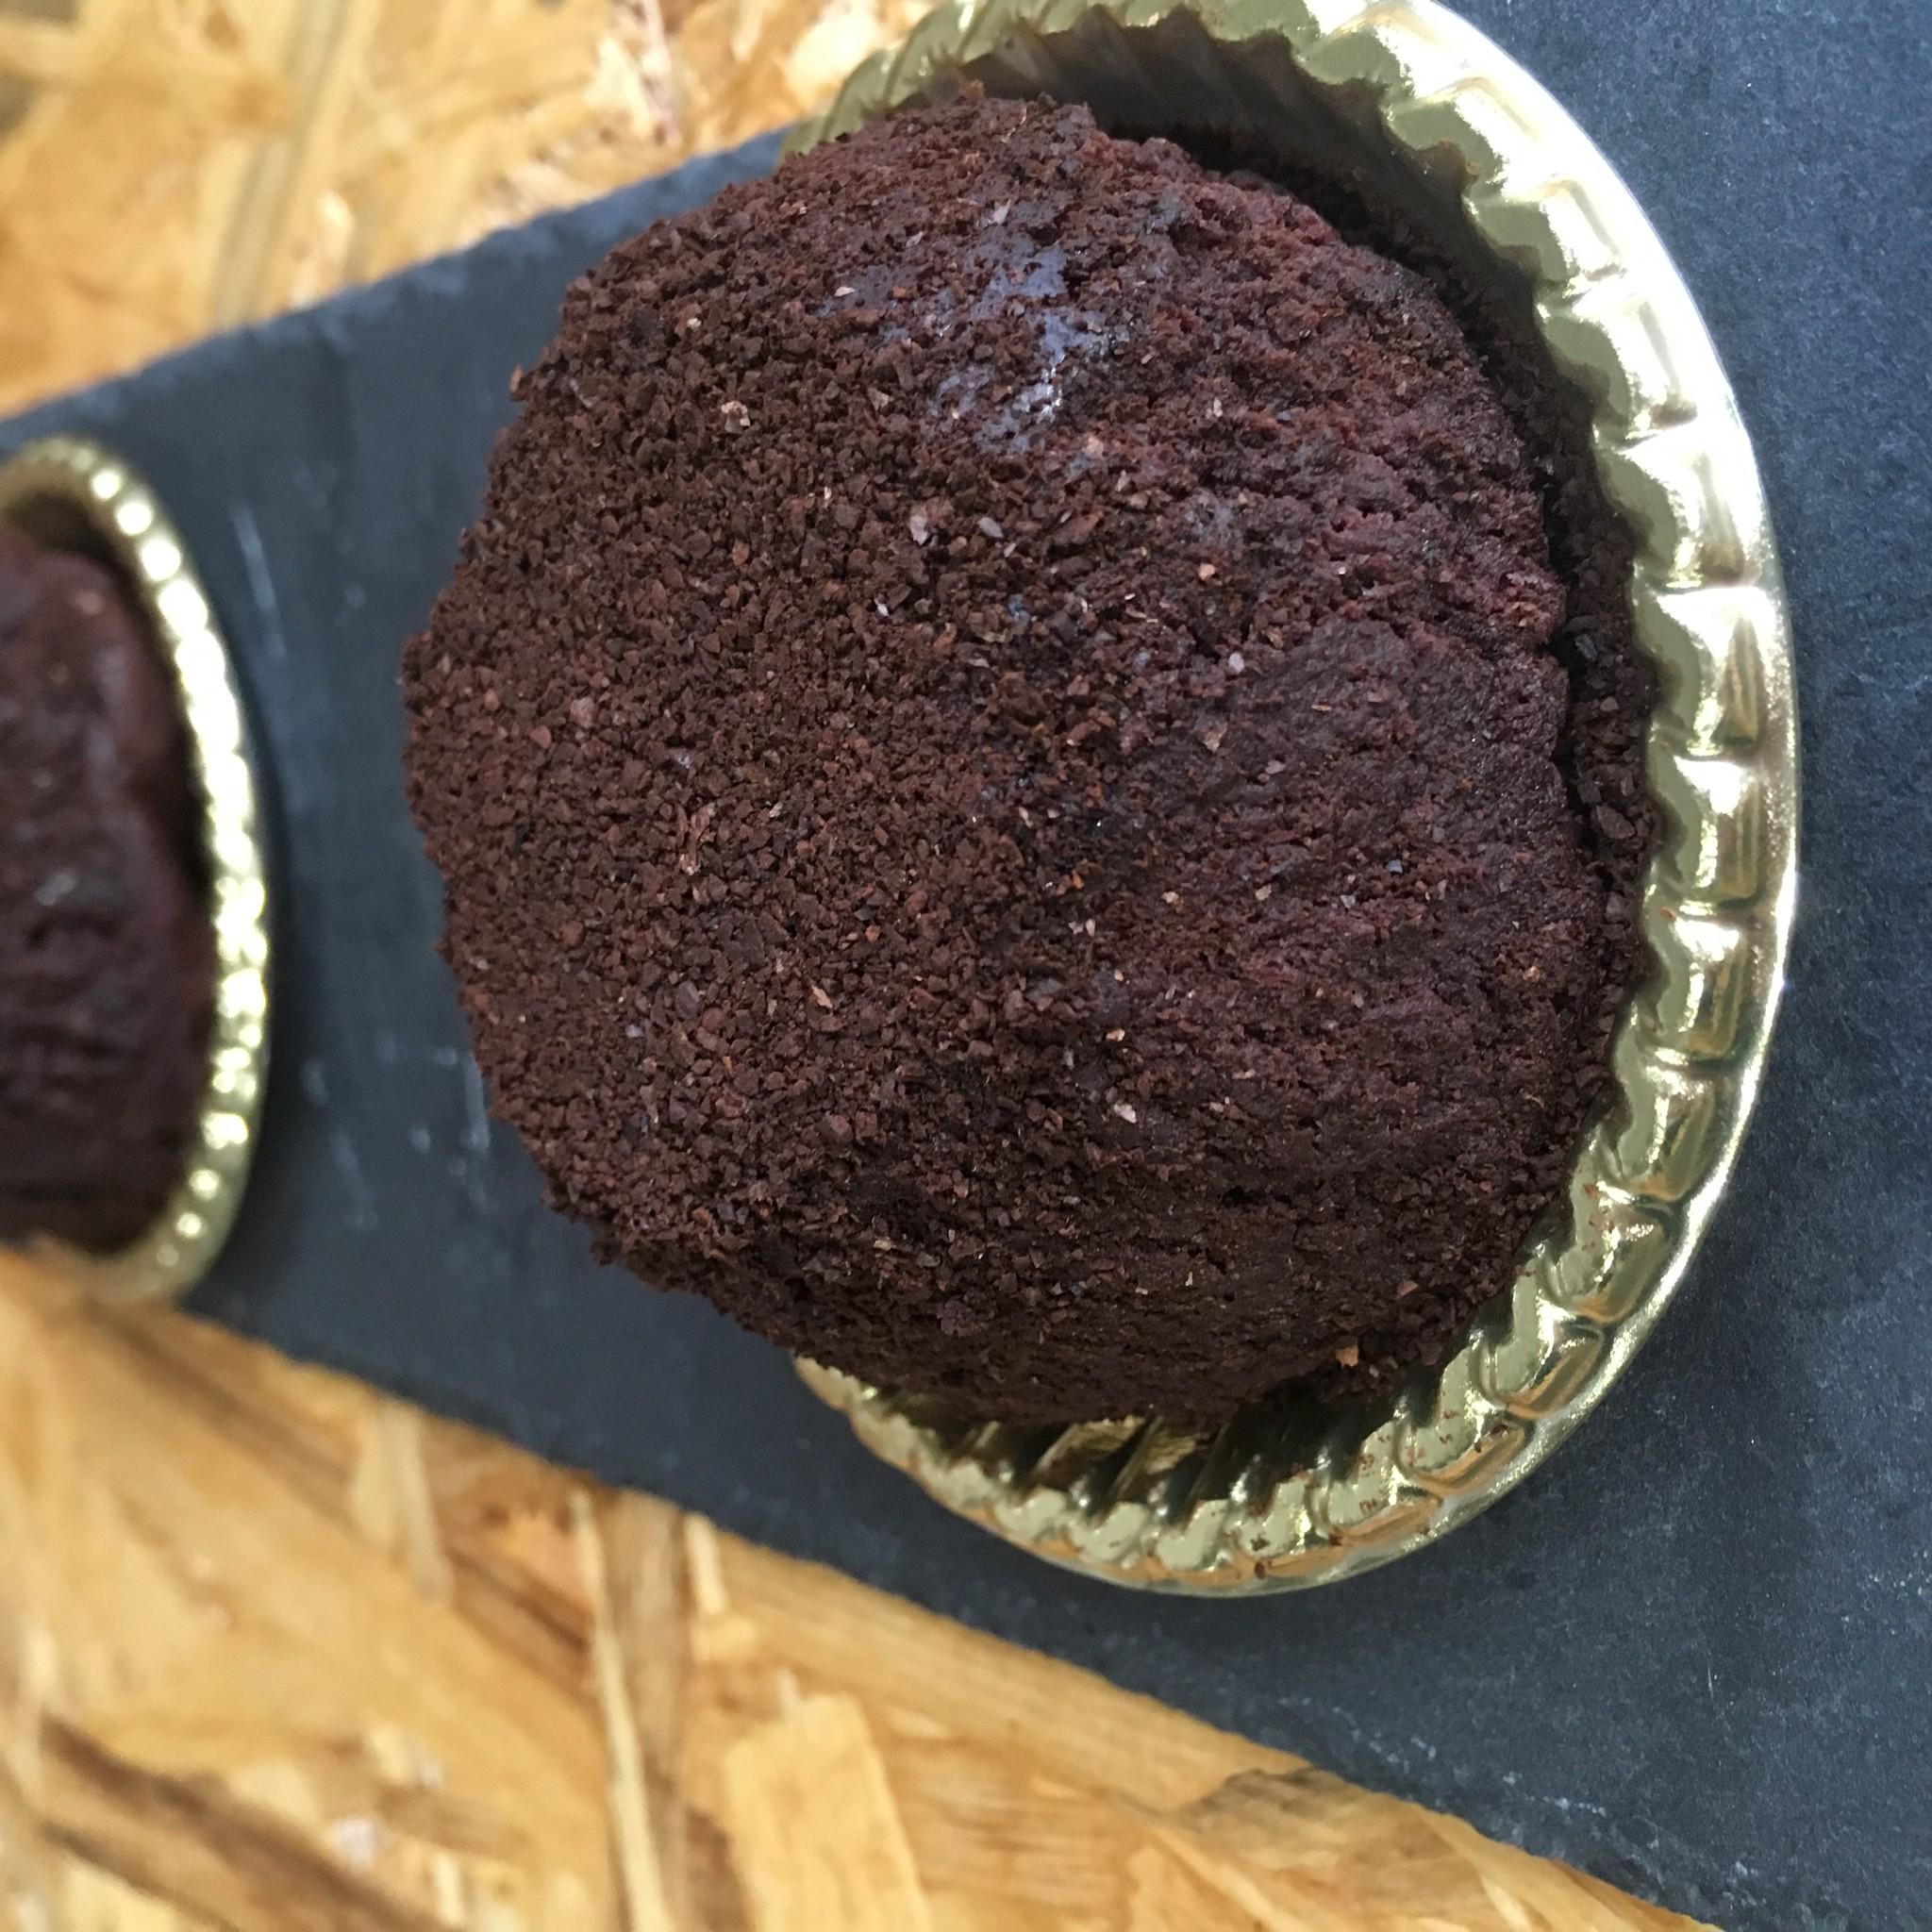 焙煎ただようコーヒーとチョコのケーキ。豆のこと。